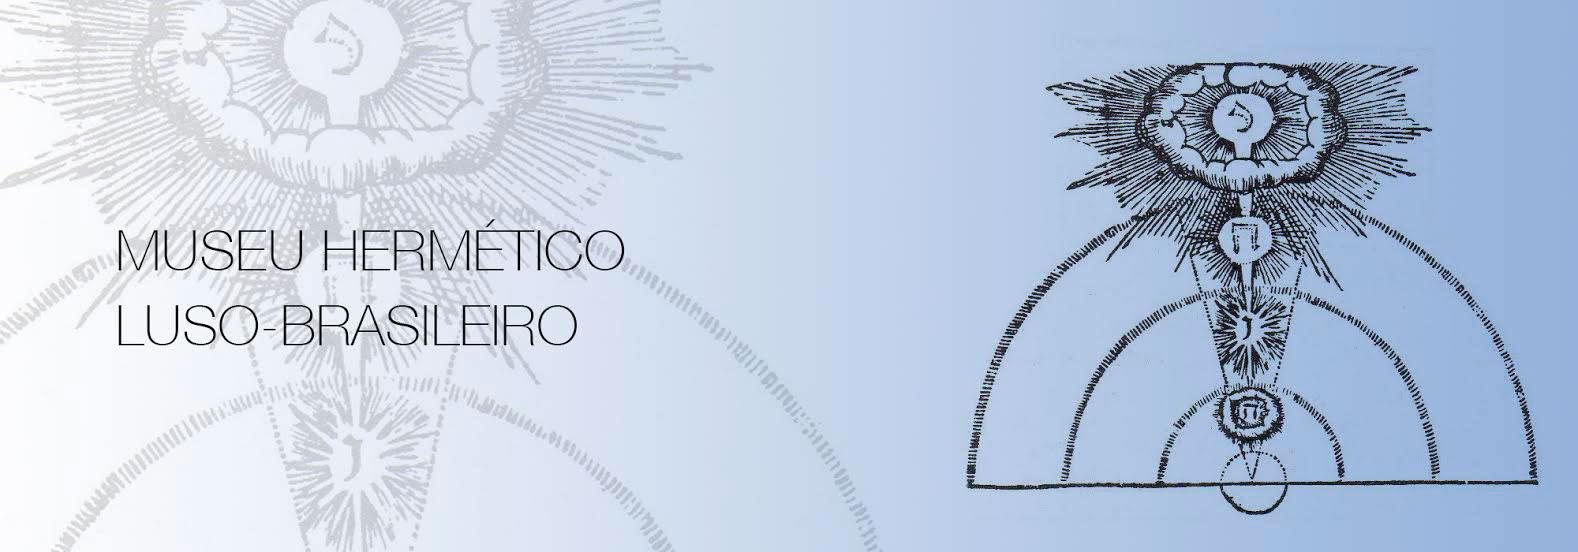 Museu-Hermetico-Luso-Brasileiro